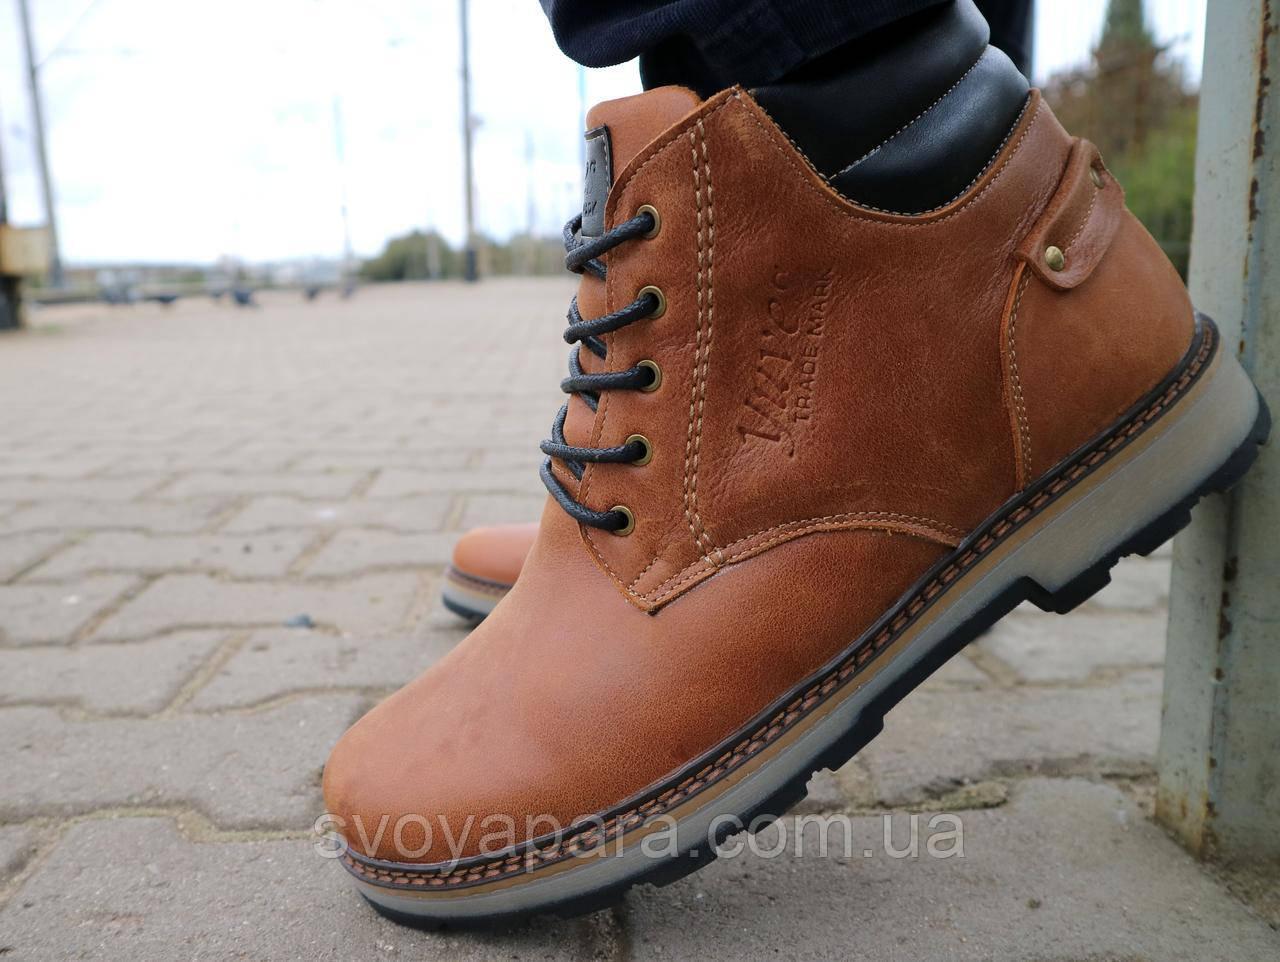 Ботинки мужские Yuves 775 рыжий (натуральная кожа, зима)